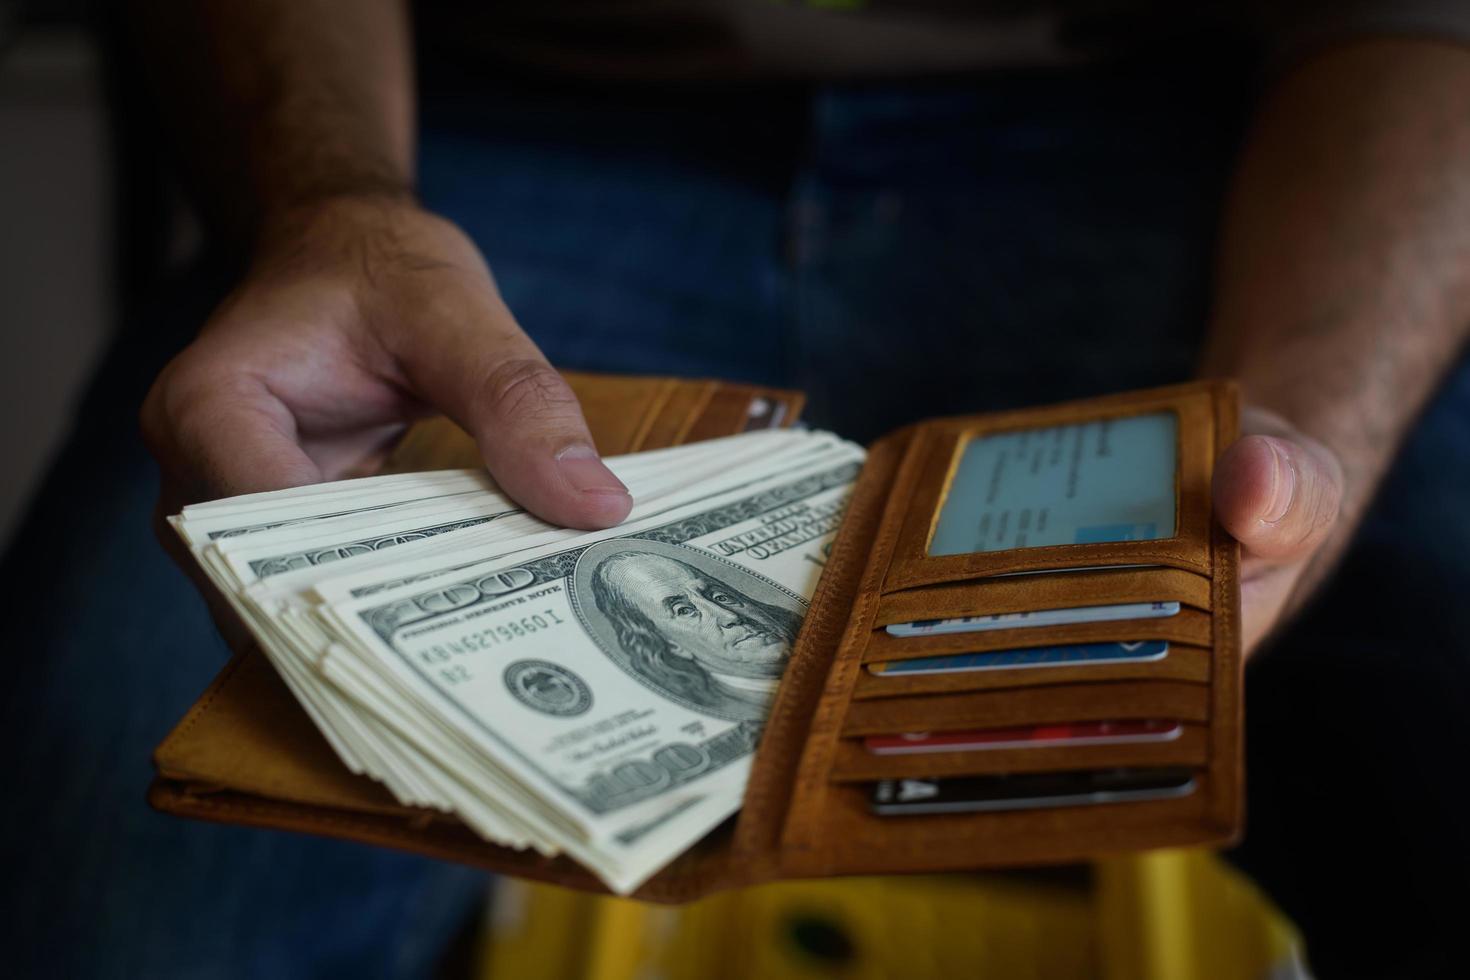 mani che prendono dollari dal portafoglio foto